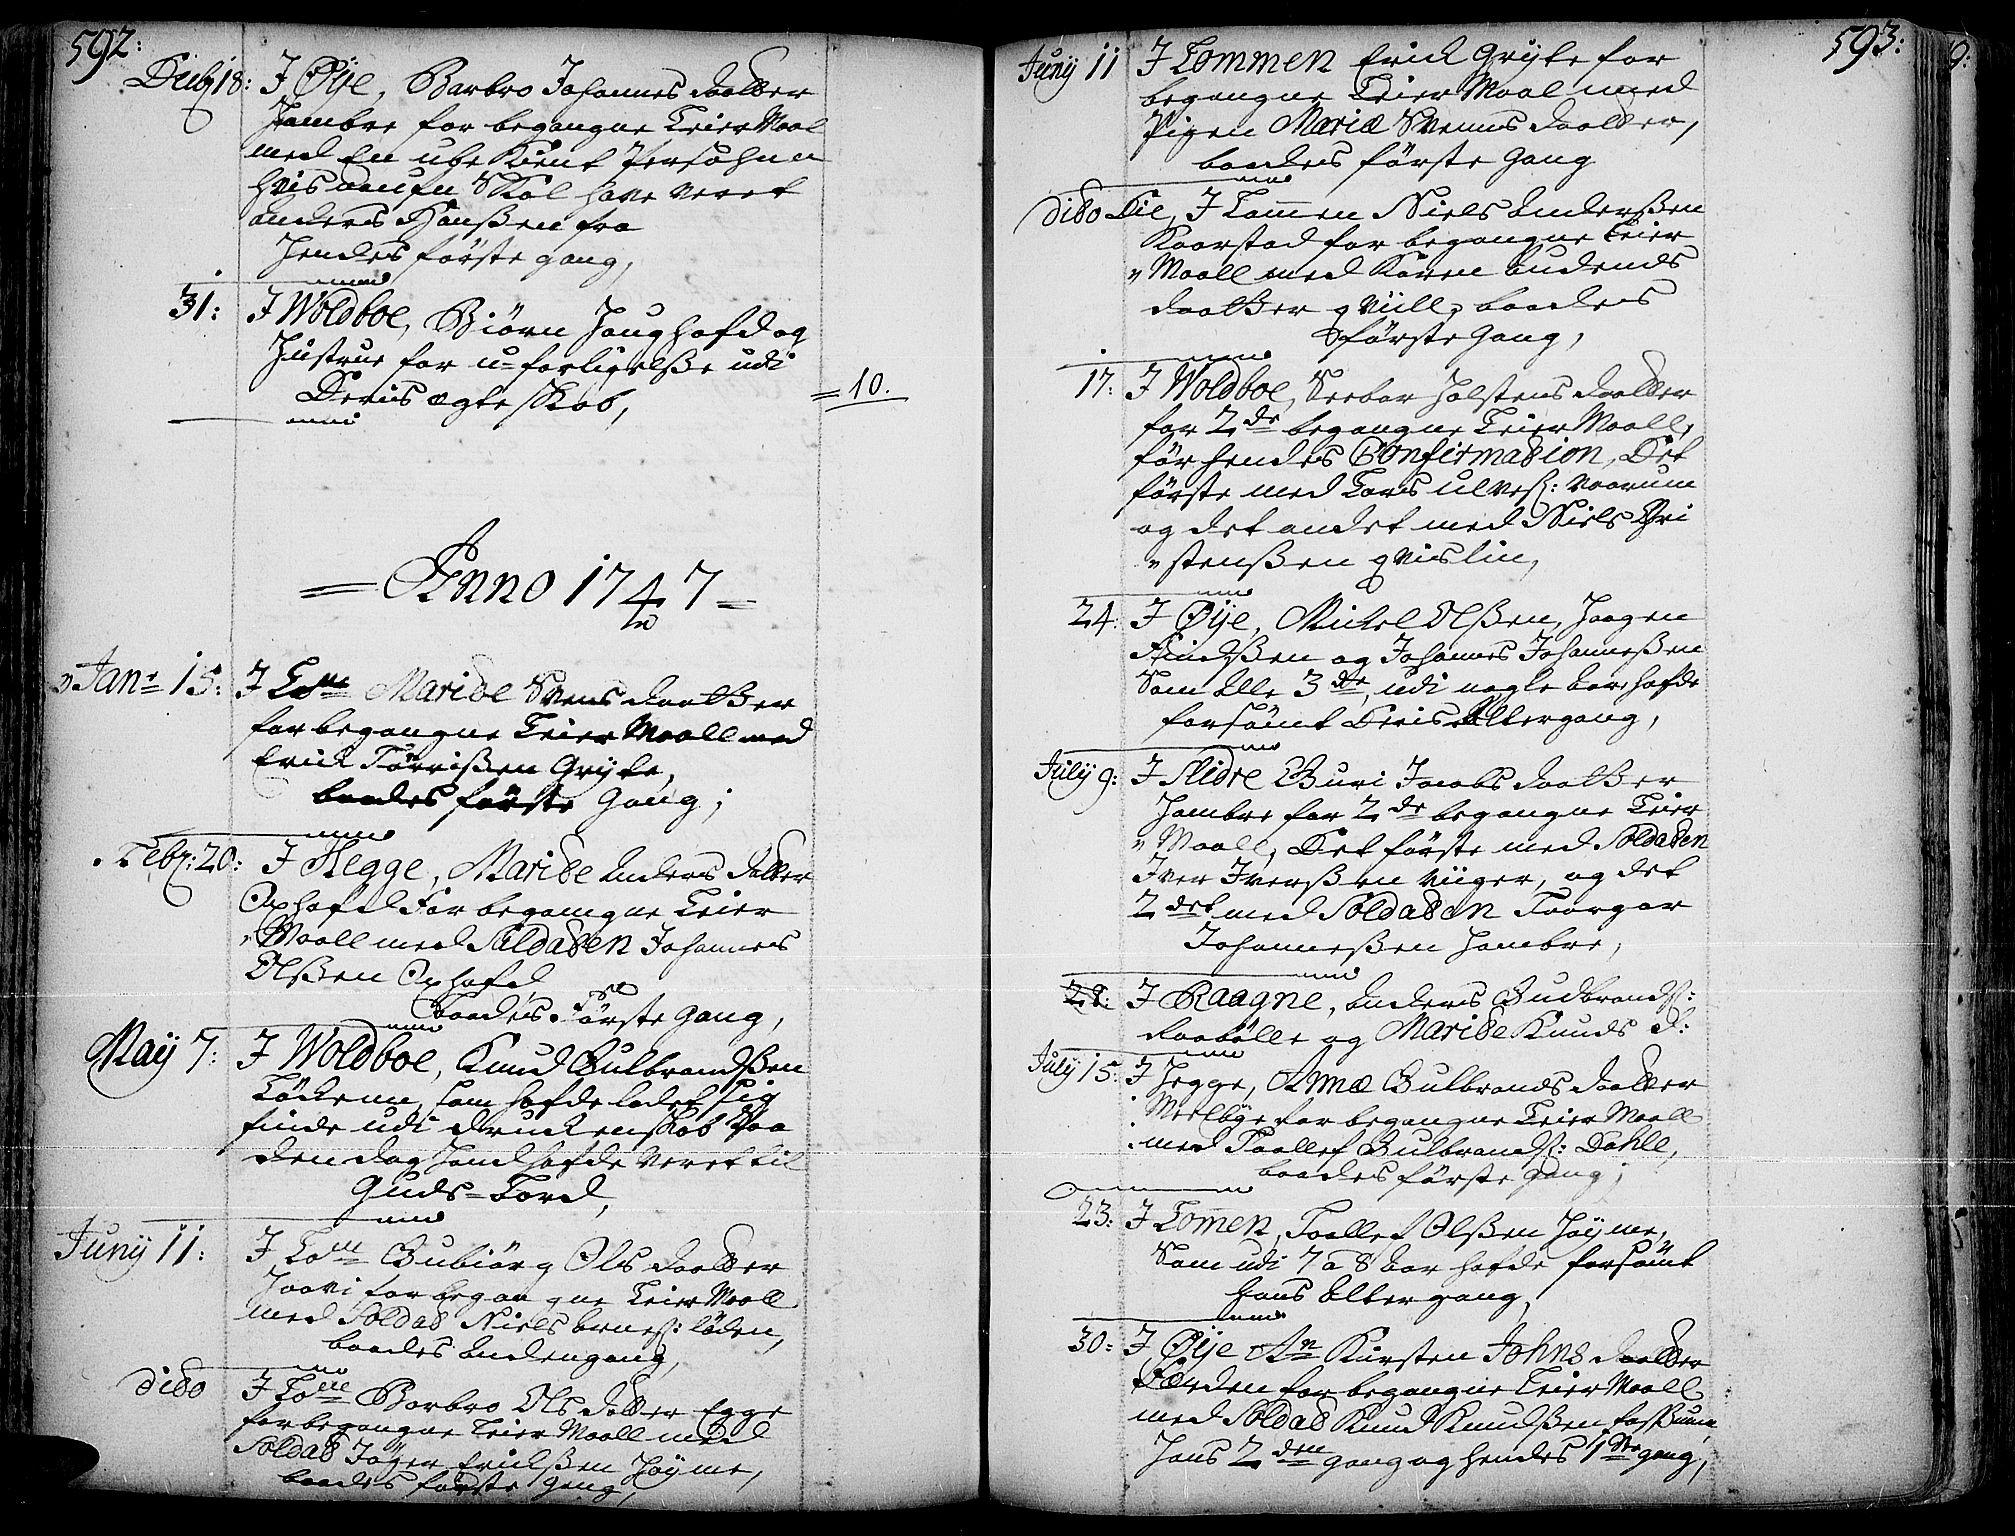 SAH, Slidre prestekontor, Ministerialbok nr. 1, 1724-1814, s. 592-593